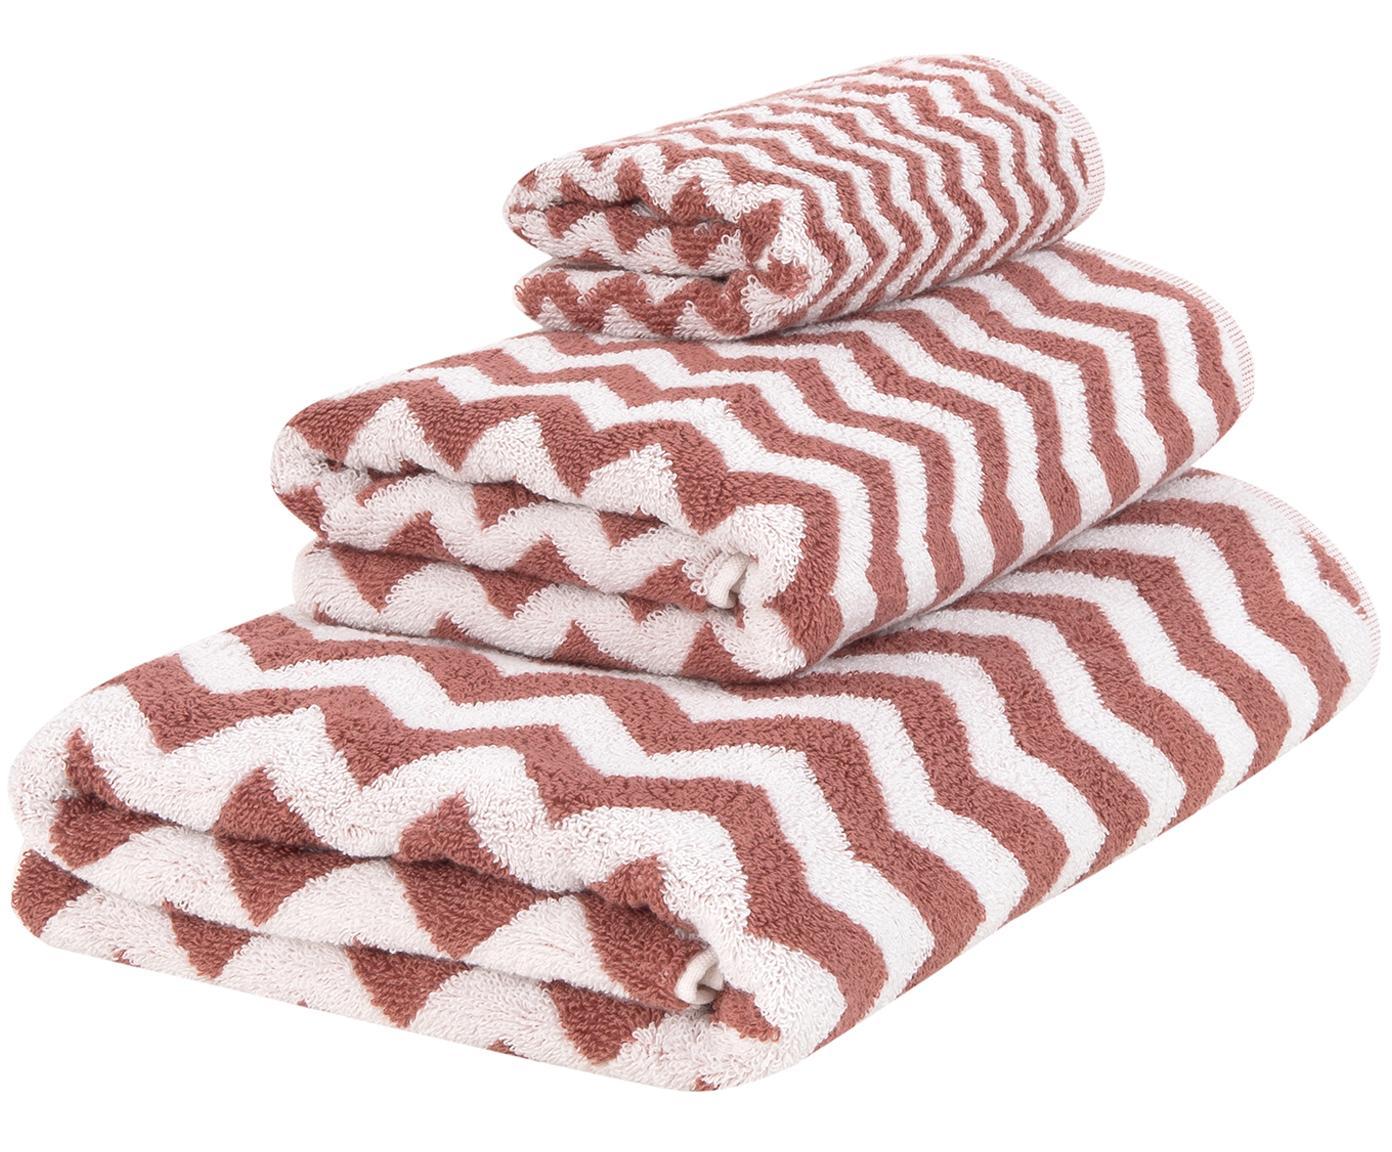 Handtuch-Set Liv mit Zickzack-Muster, 3-tlg., Terrakotta, Cremeweiß, Sondergrößen